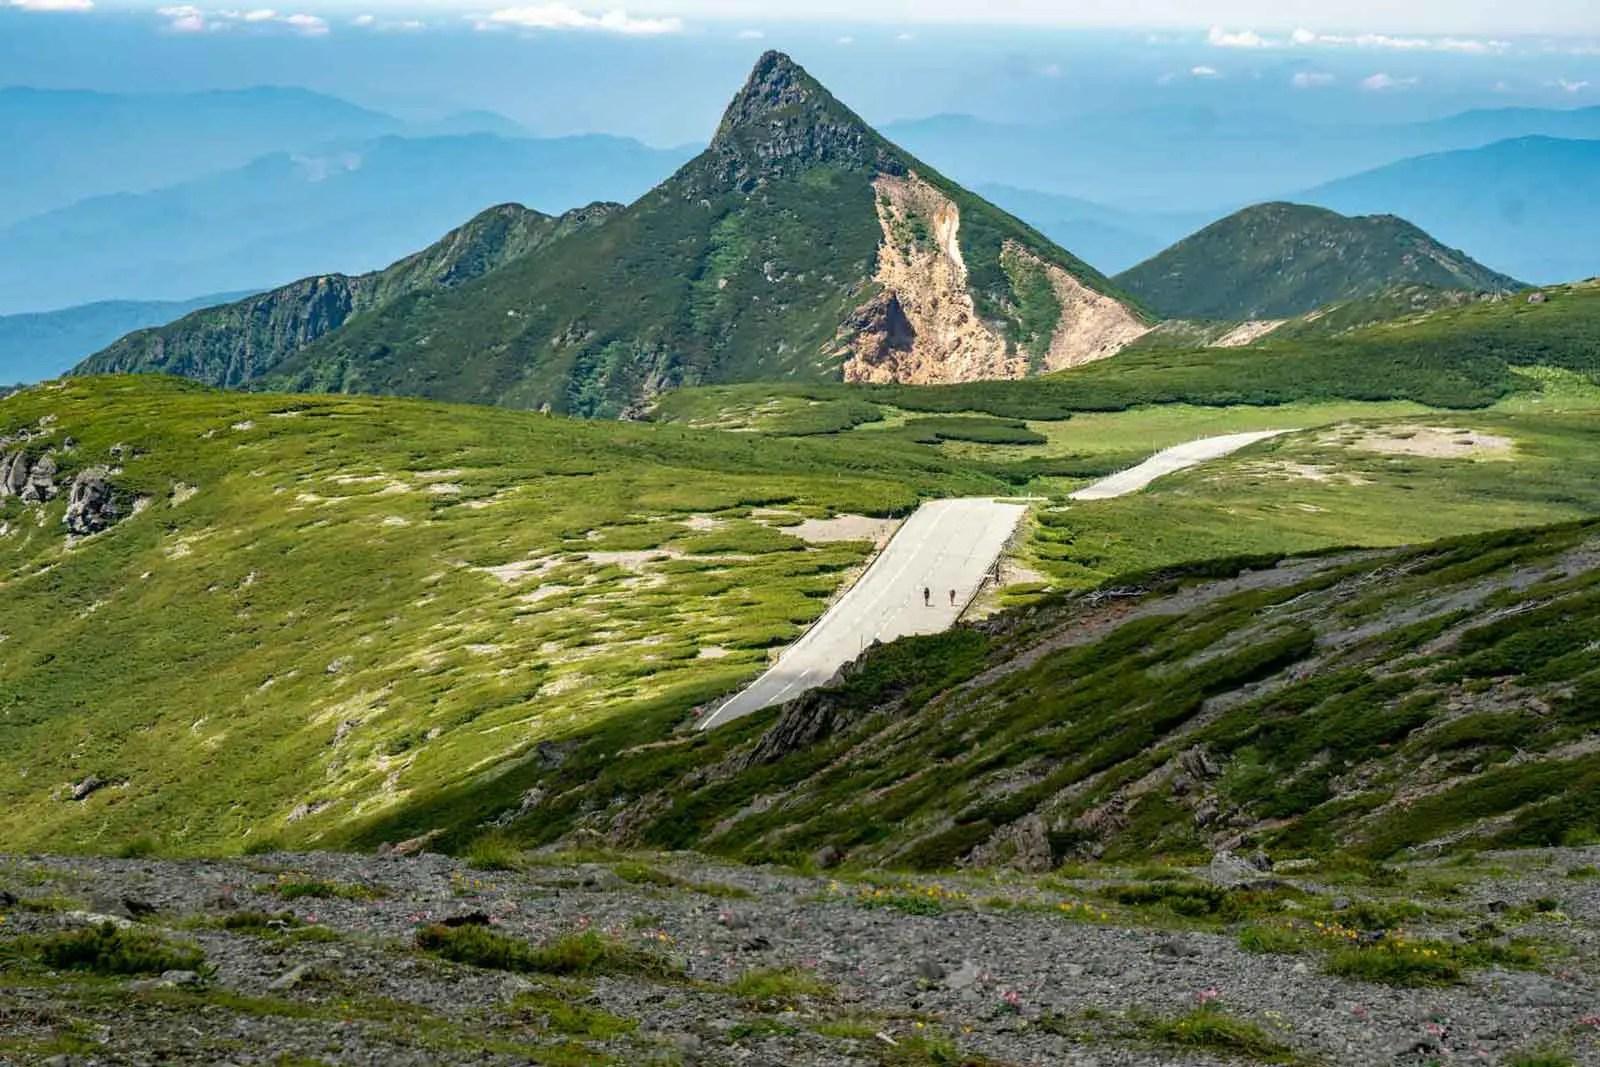 Japan Alps Traverse Kita Alps Norikuradake Approach